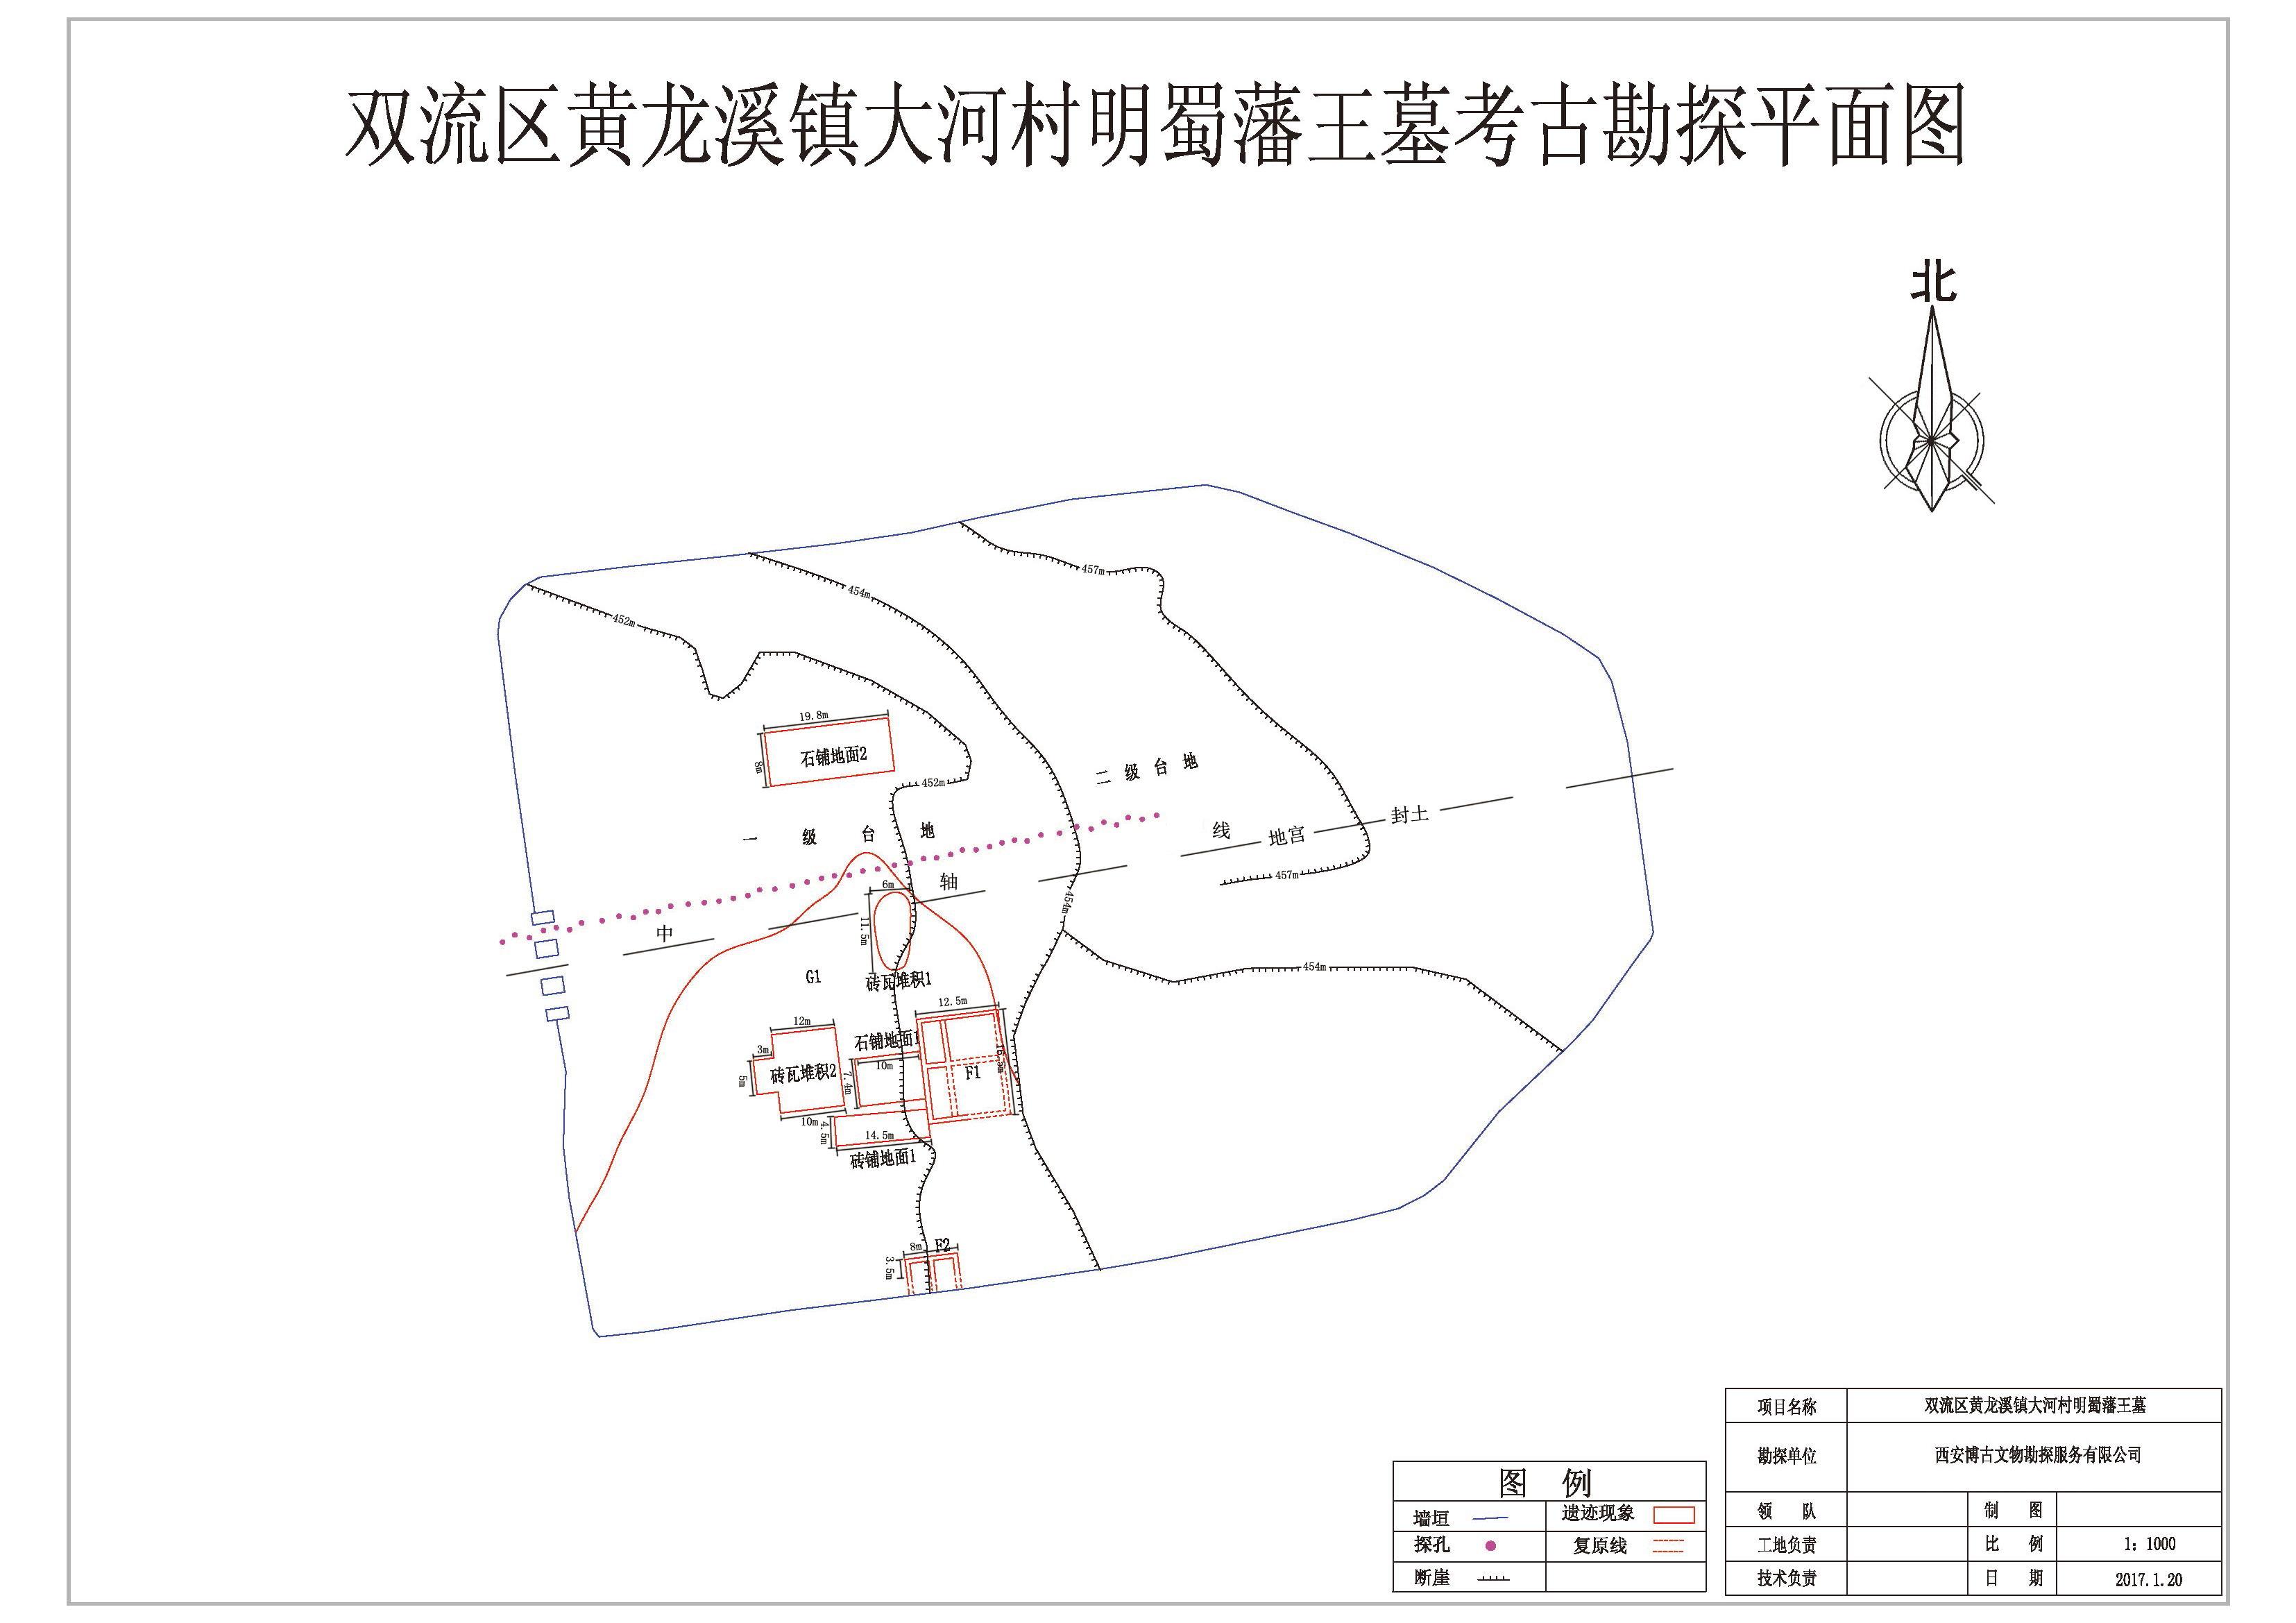 成都雙流區黃龍溪鎮明蜀蕃王墓考古勘探項目